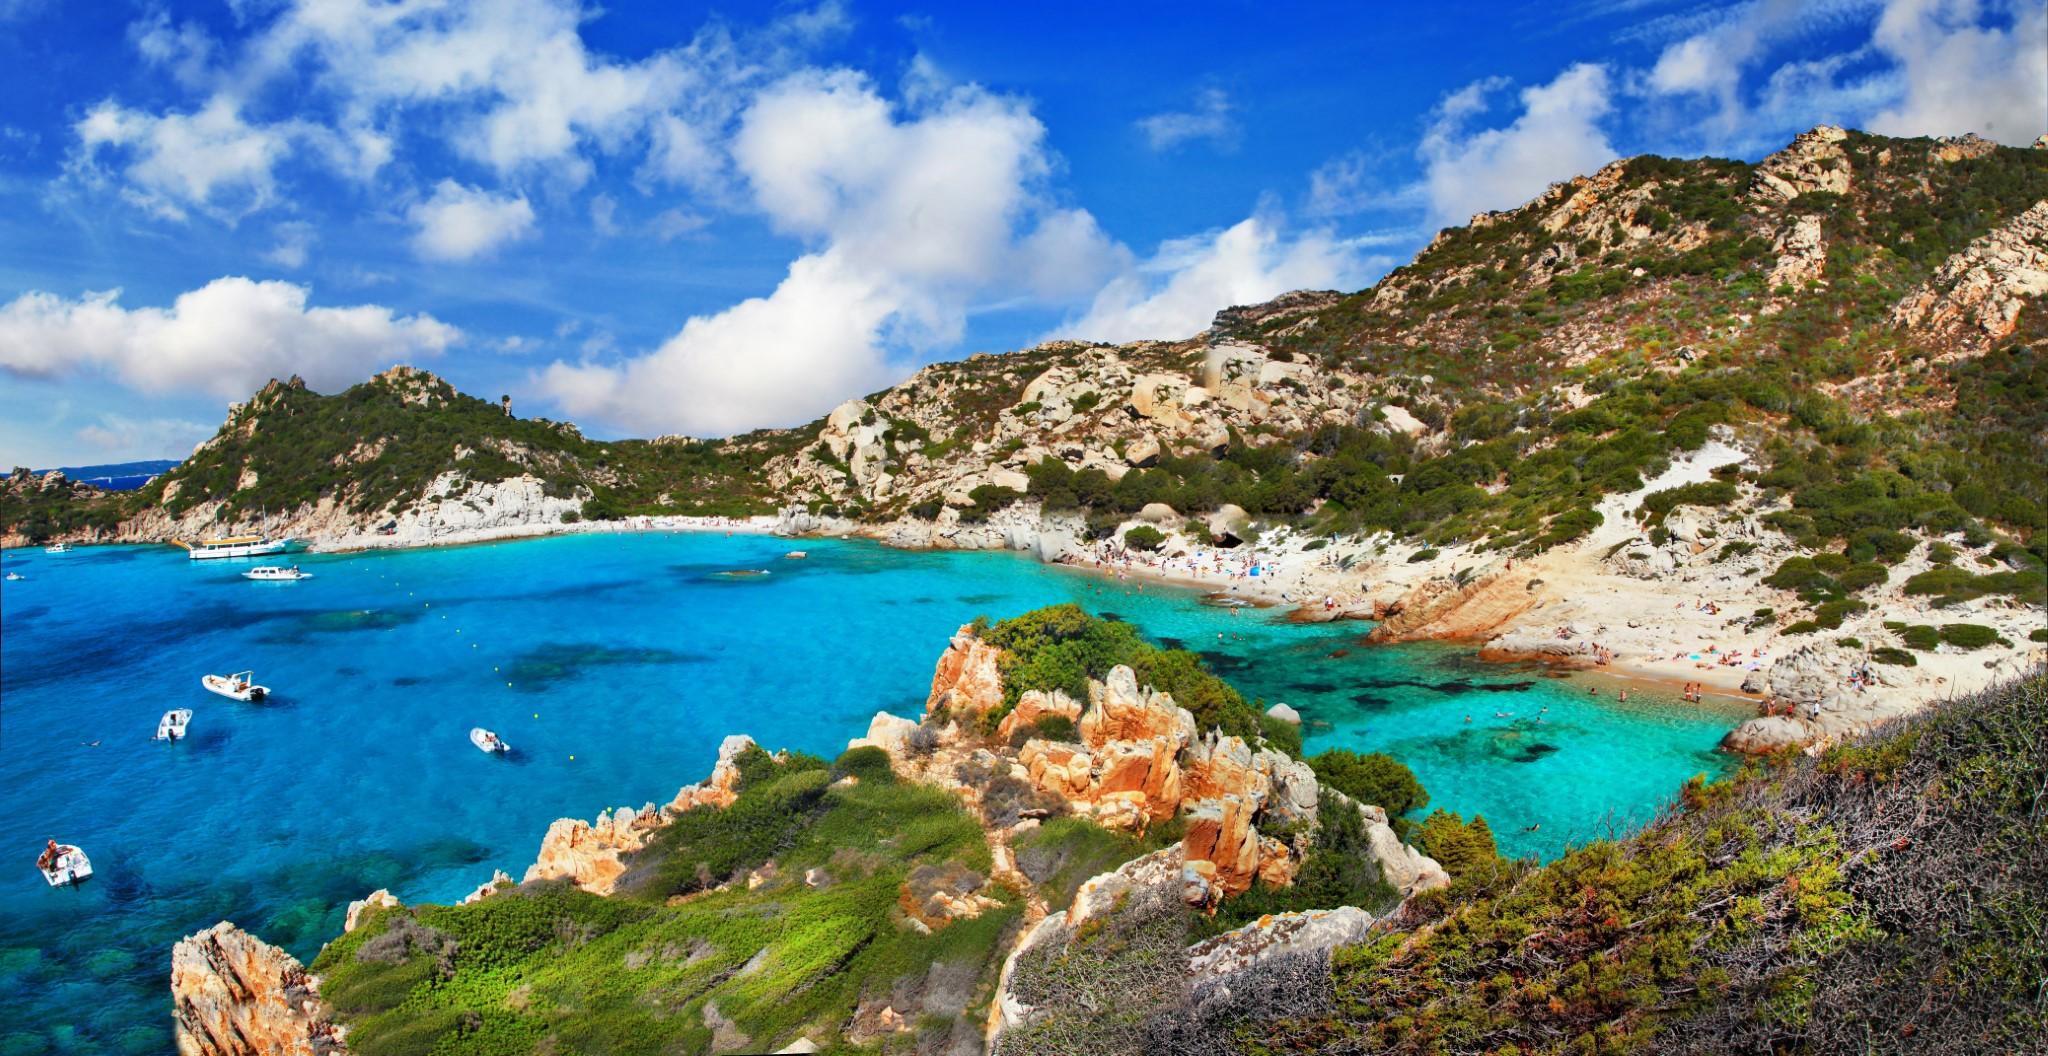 Sardynia, Arhipelago la Maddalena, Włochy